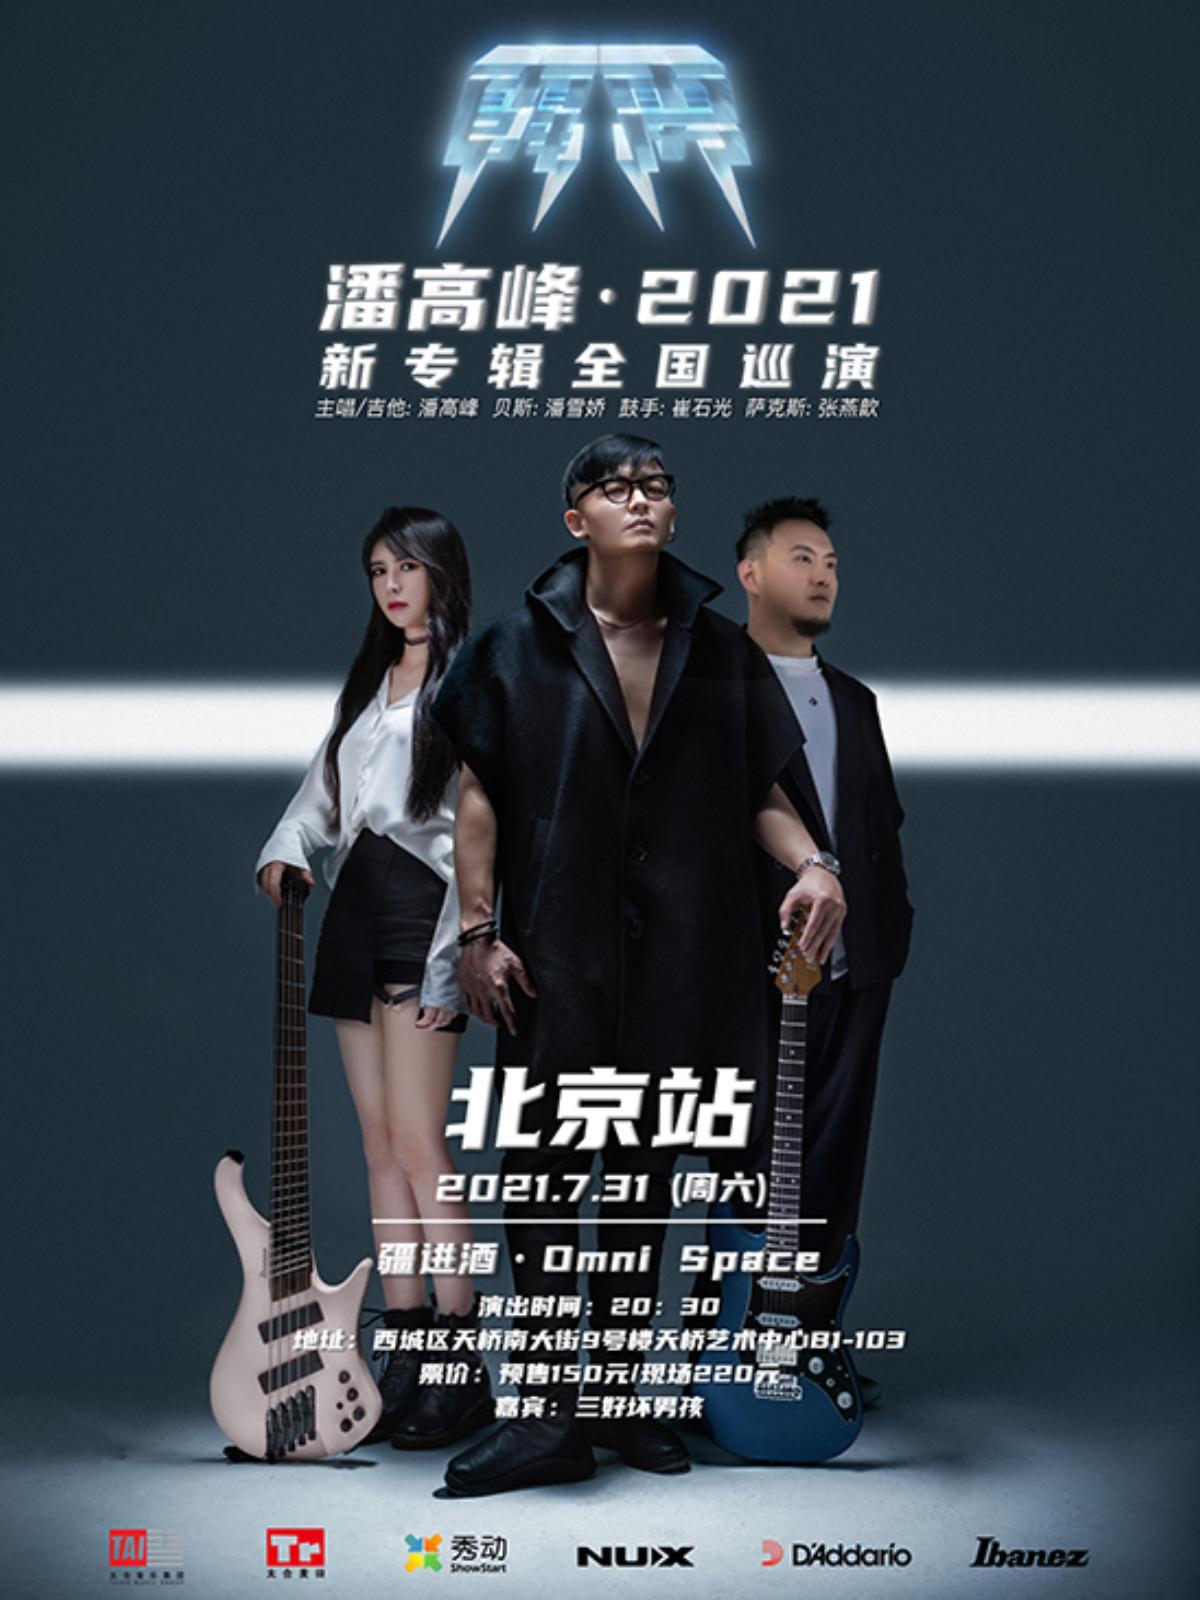 潘高峰《霹雳》新专辑首发式LVH